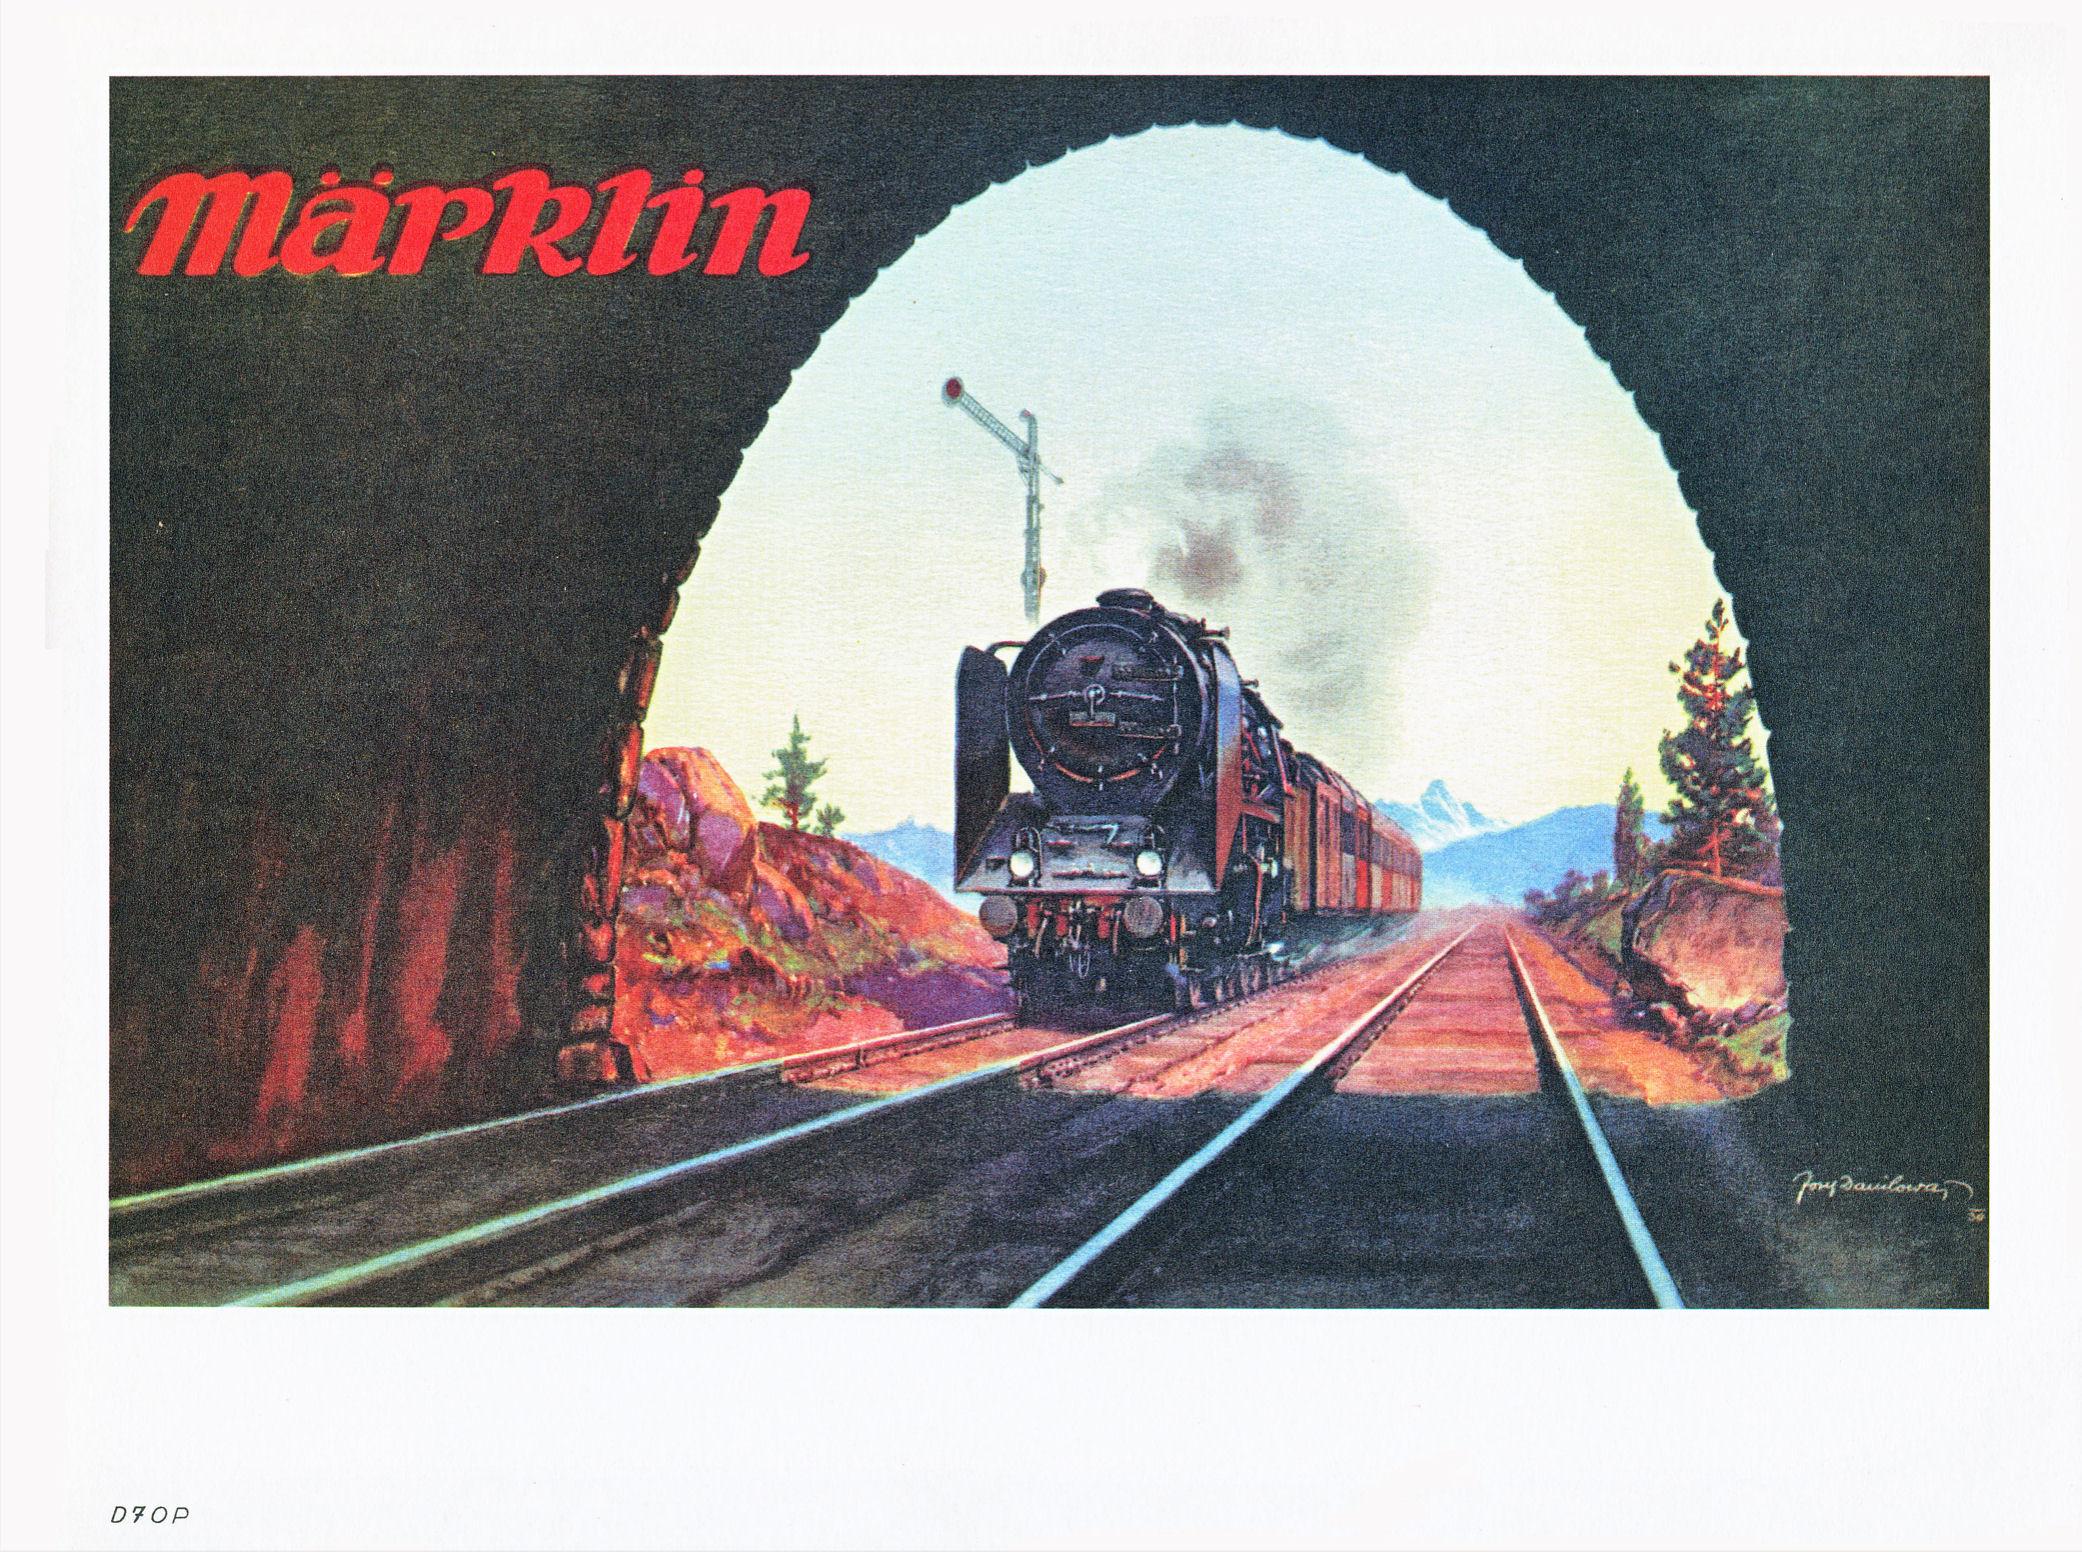 marklin_1930_catalog_brochures_and_catalogs_b6c8086b-26c6-4074-a63f-90d240715c6a.jpg